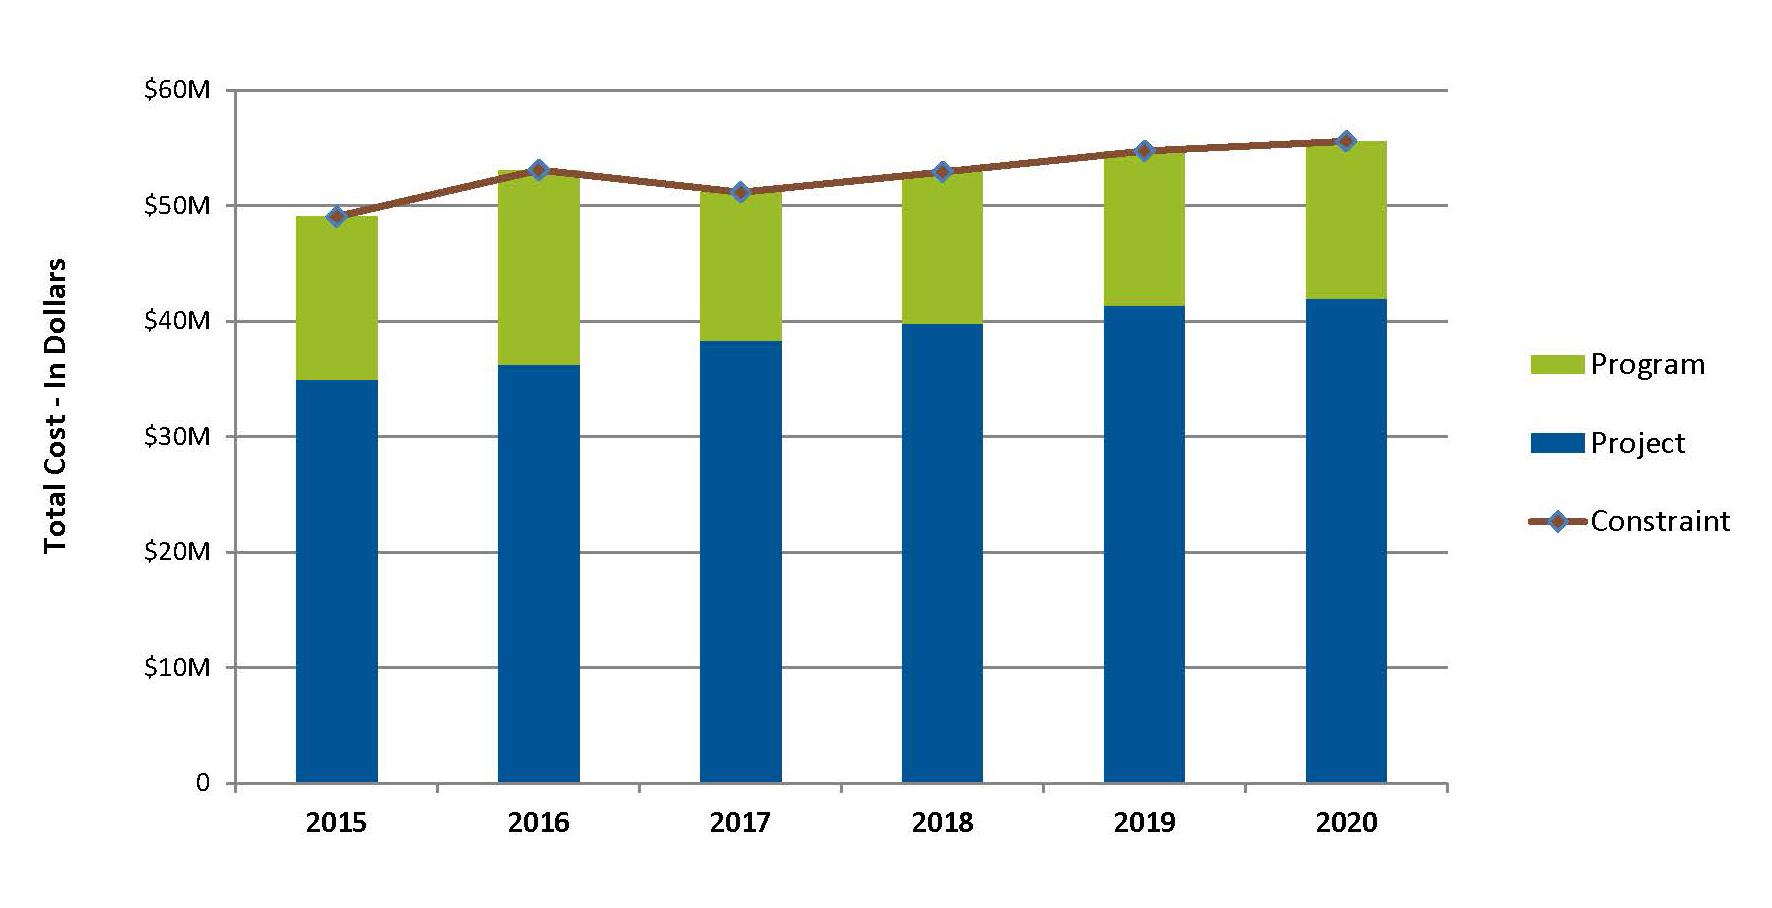 Figure 3: Optimized Investment Scenario